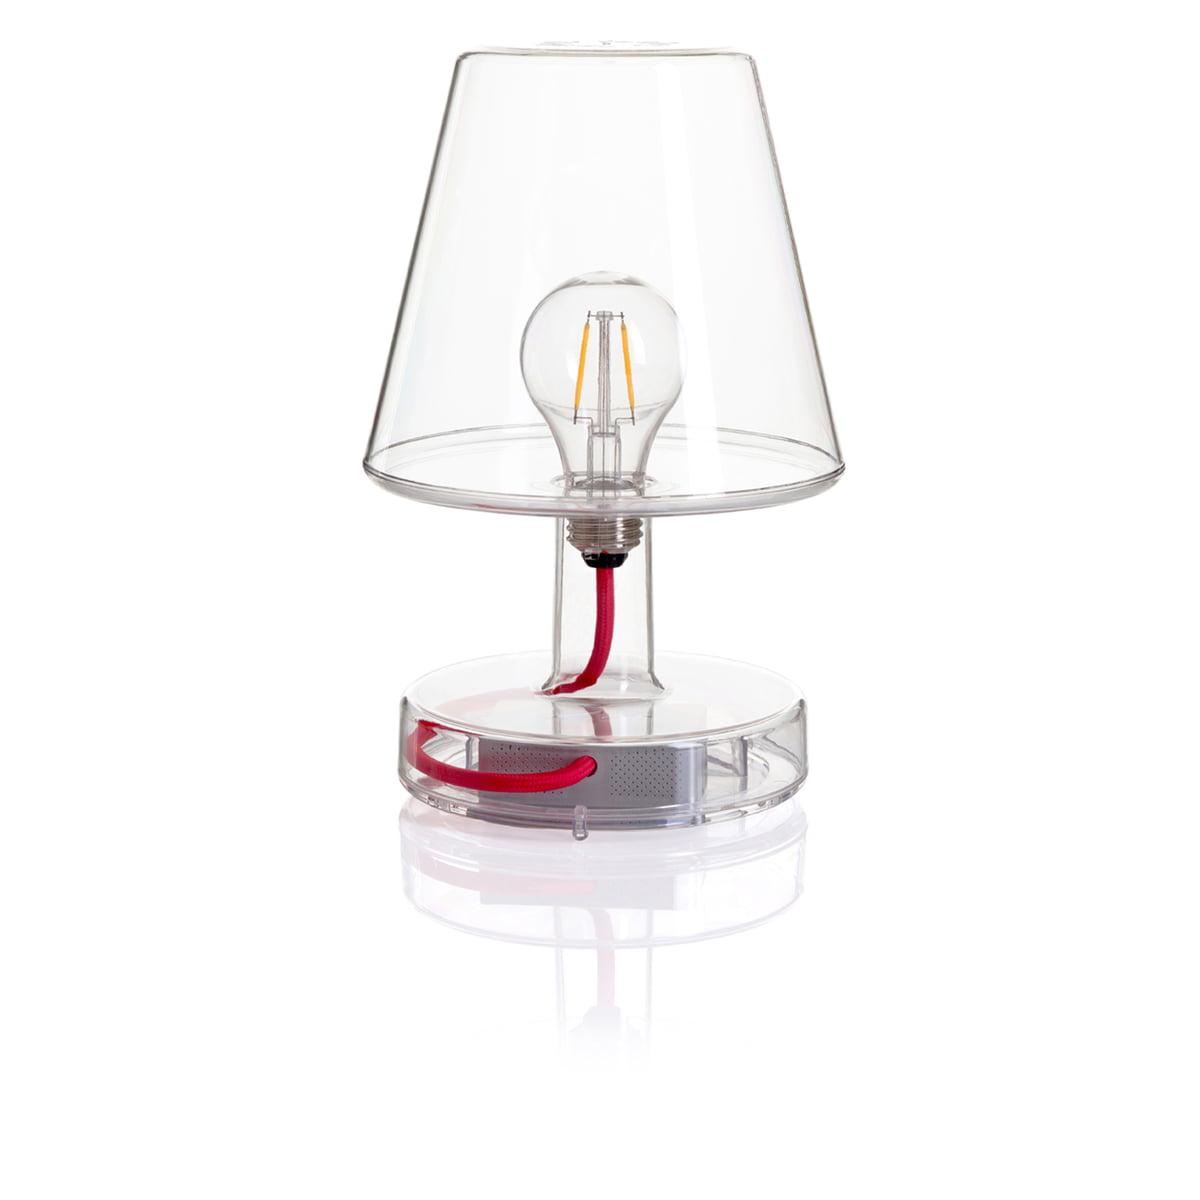 Einfache Dekoration Und Mobel Stylische Outdoor Lampe Fatboy Edison The Medium #25: Transloetje Tischleuchte Von Fatboy In Transparent